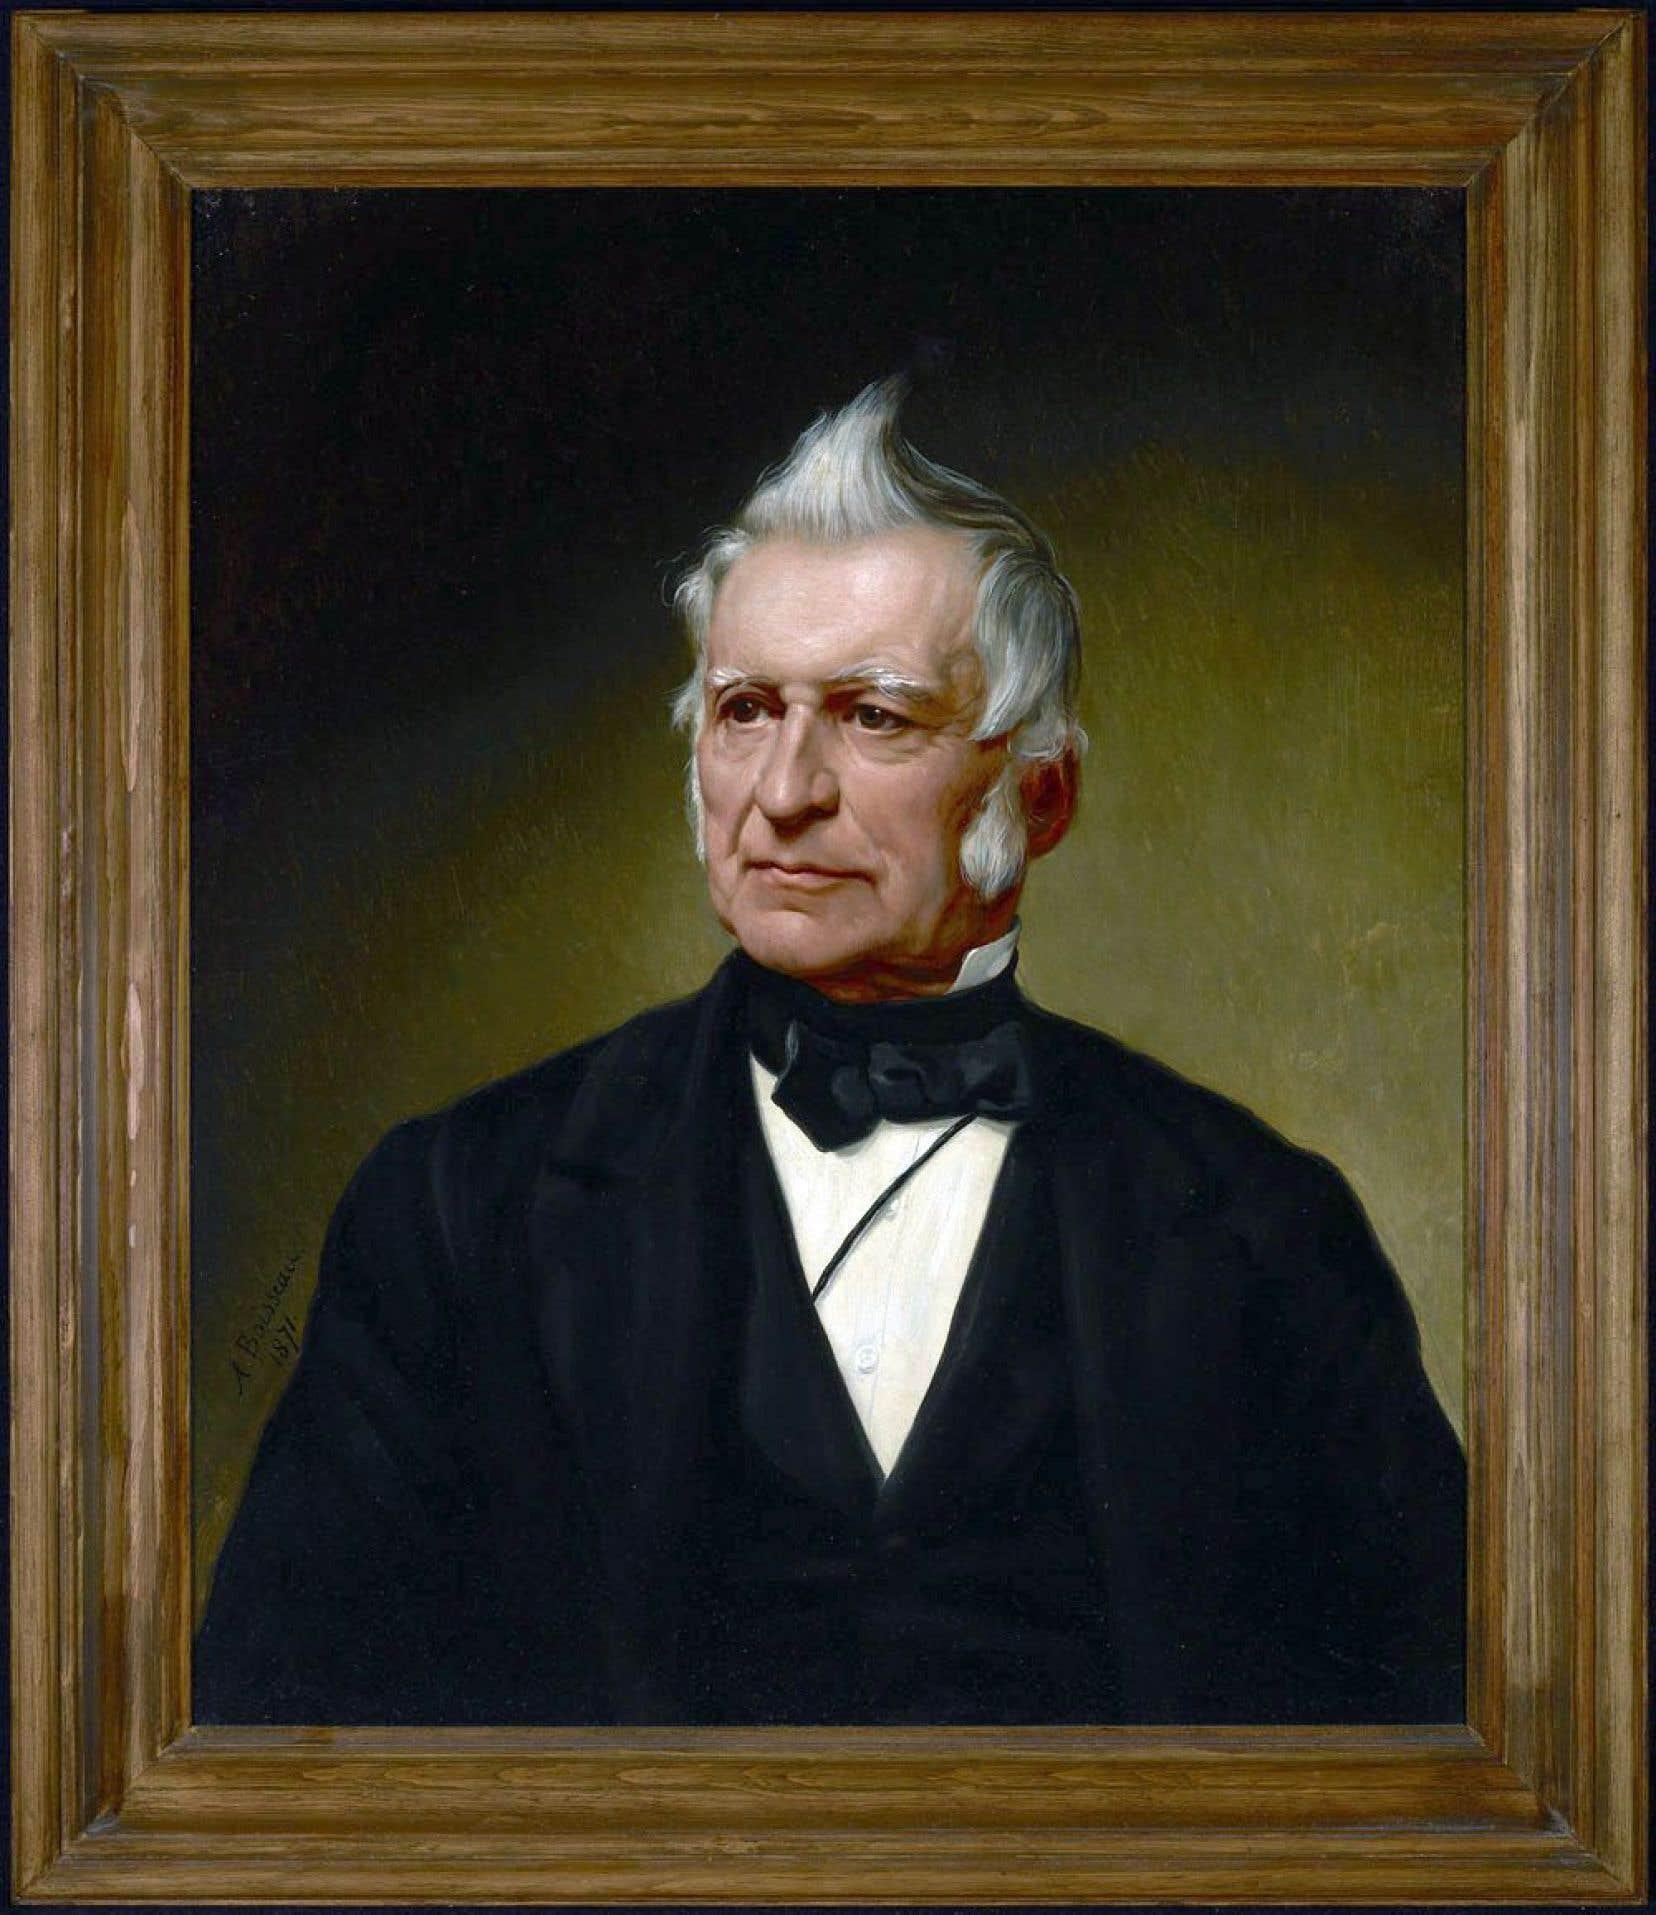 Portrait du leader des Patriotes, Louis-Joseph Papineau, datant de 1872